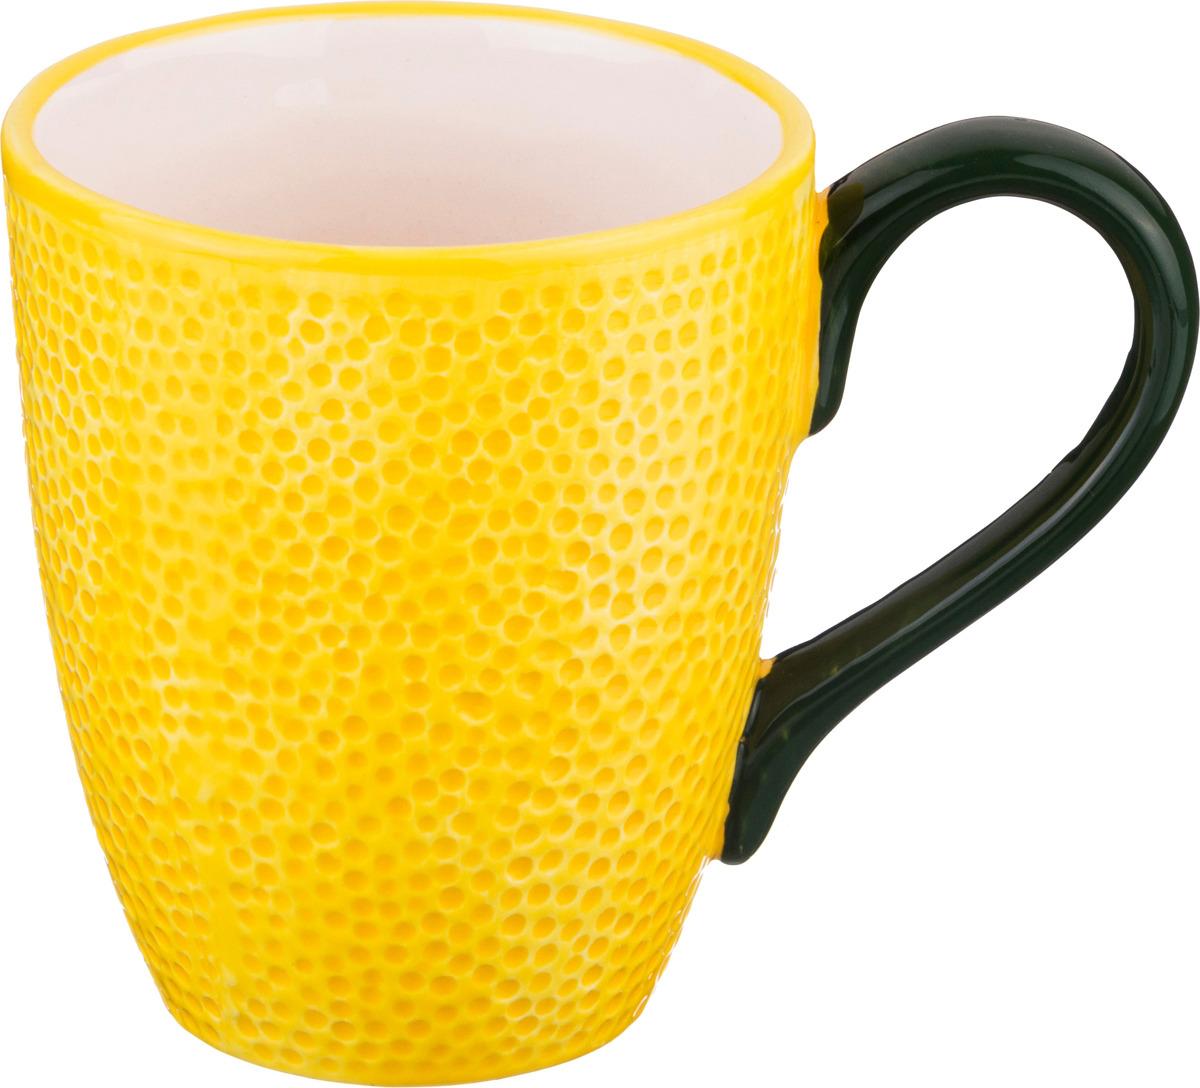 Кружка Lefard Лимон, 300 мл. C3556-940 кружка lefard 300 мл 274850